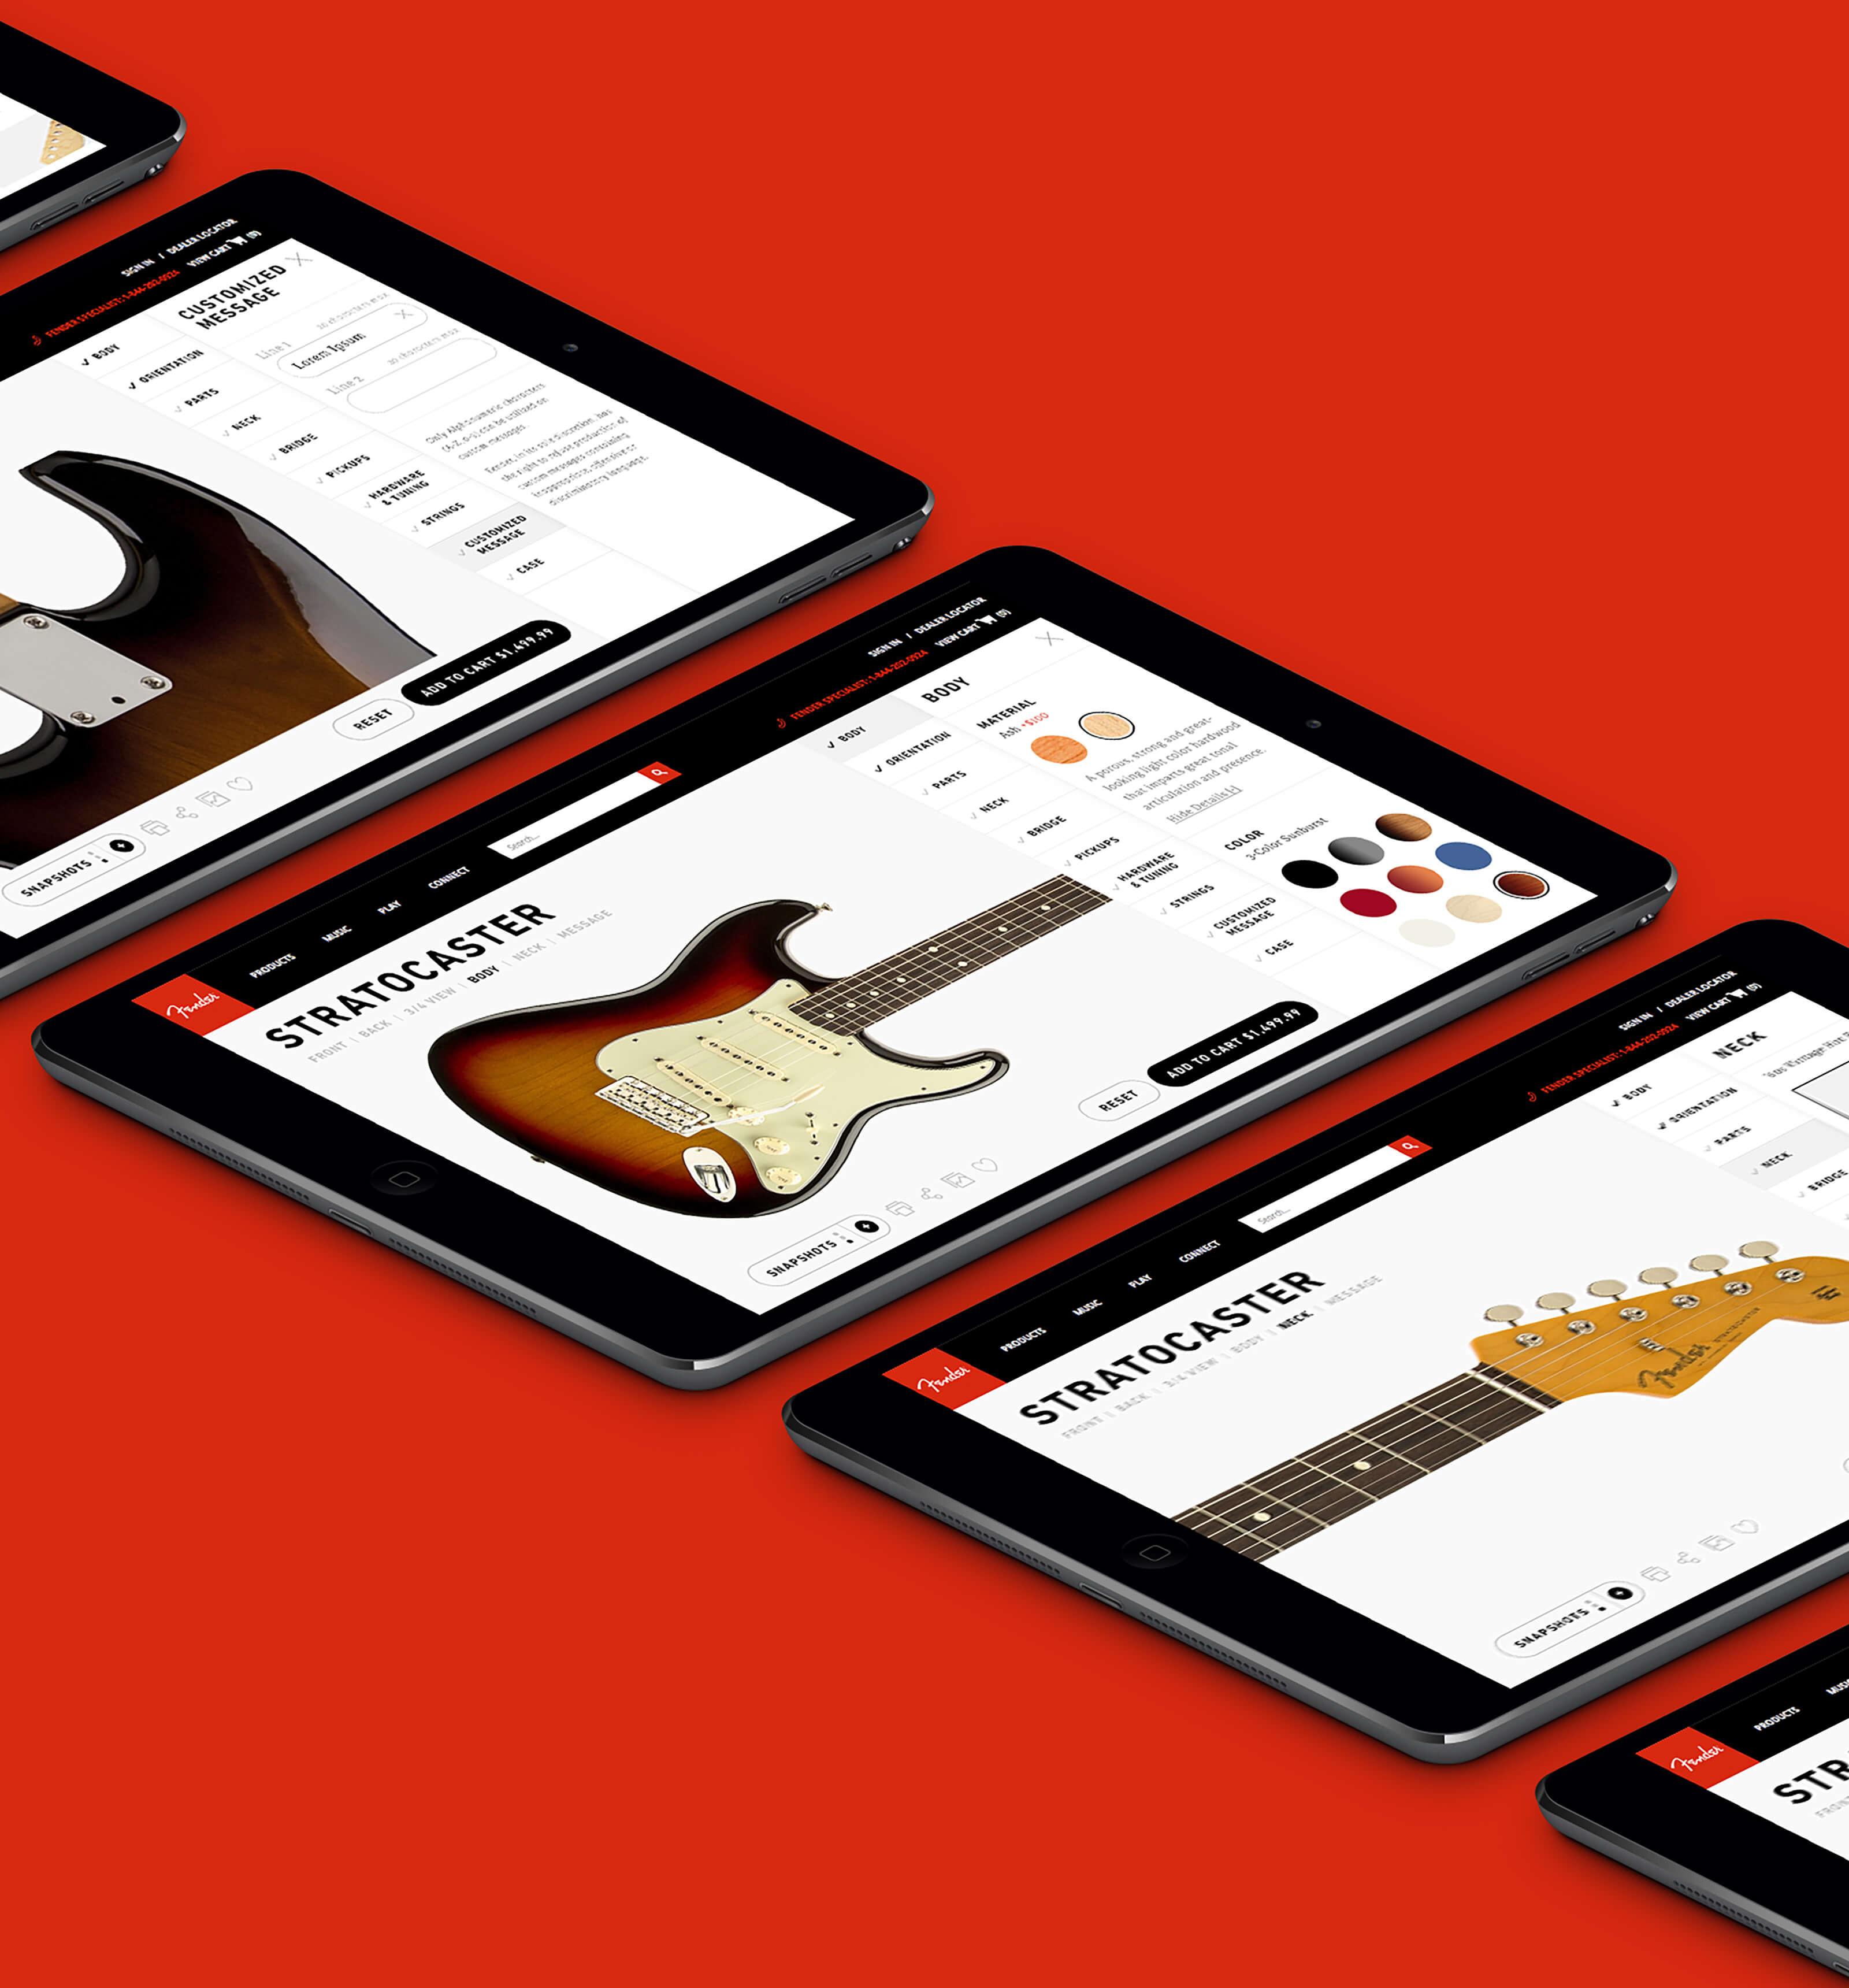 Fender-iPad-Iso@2x